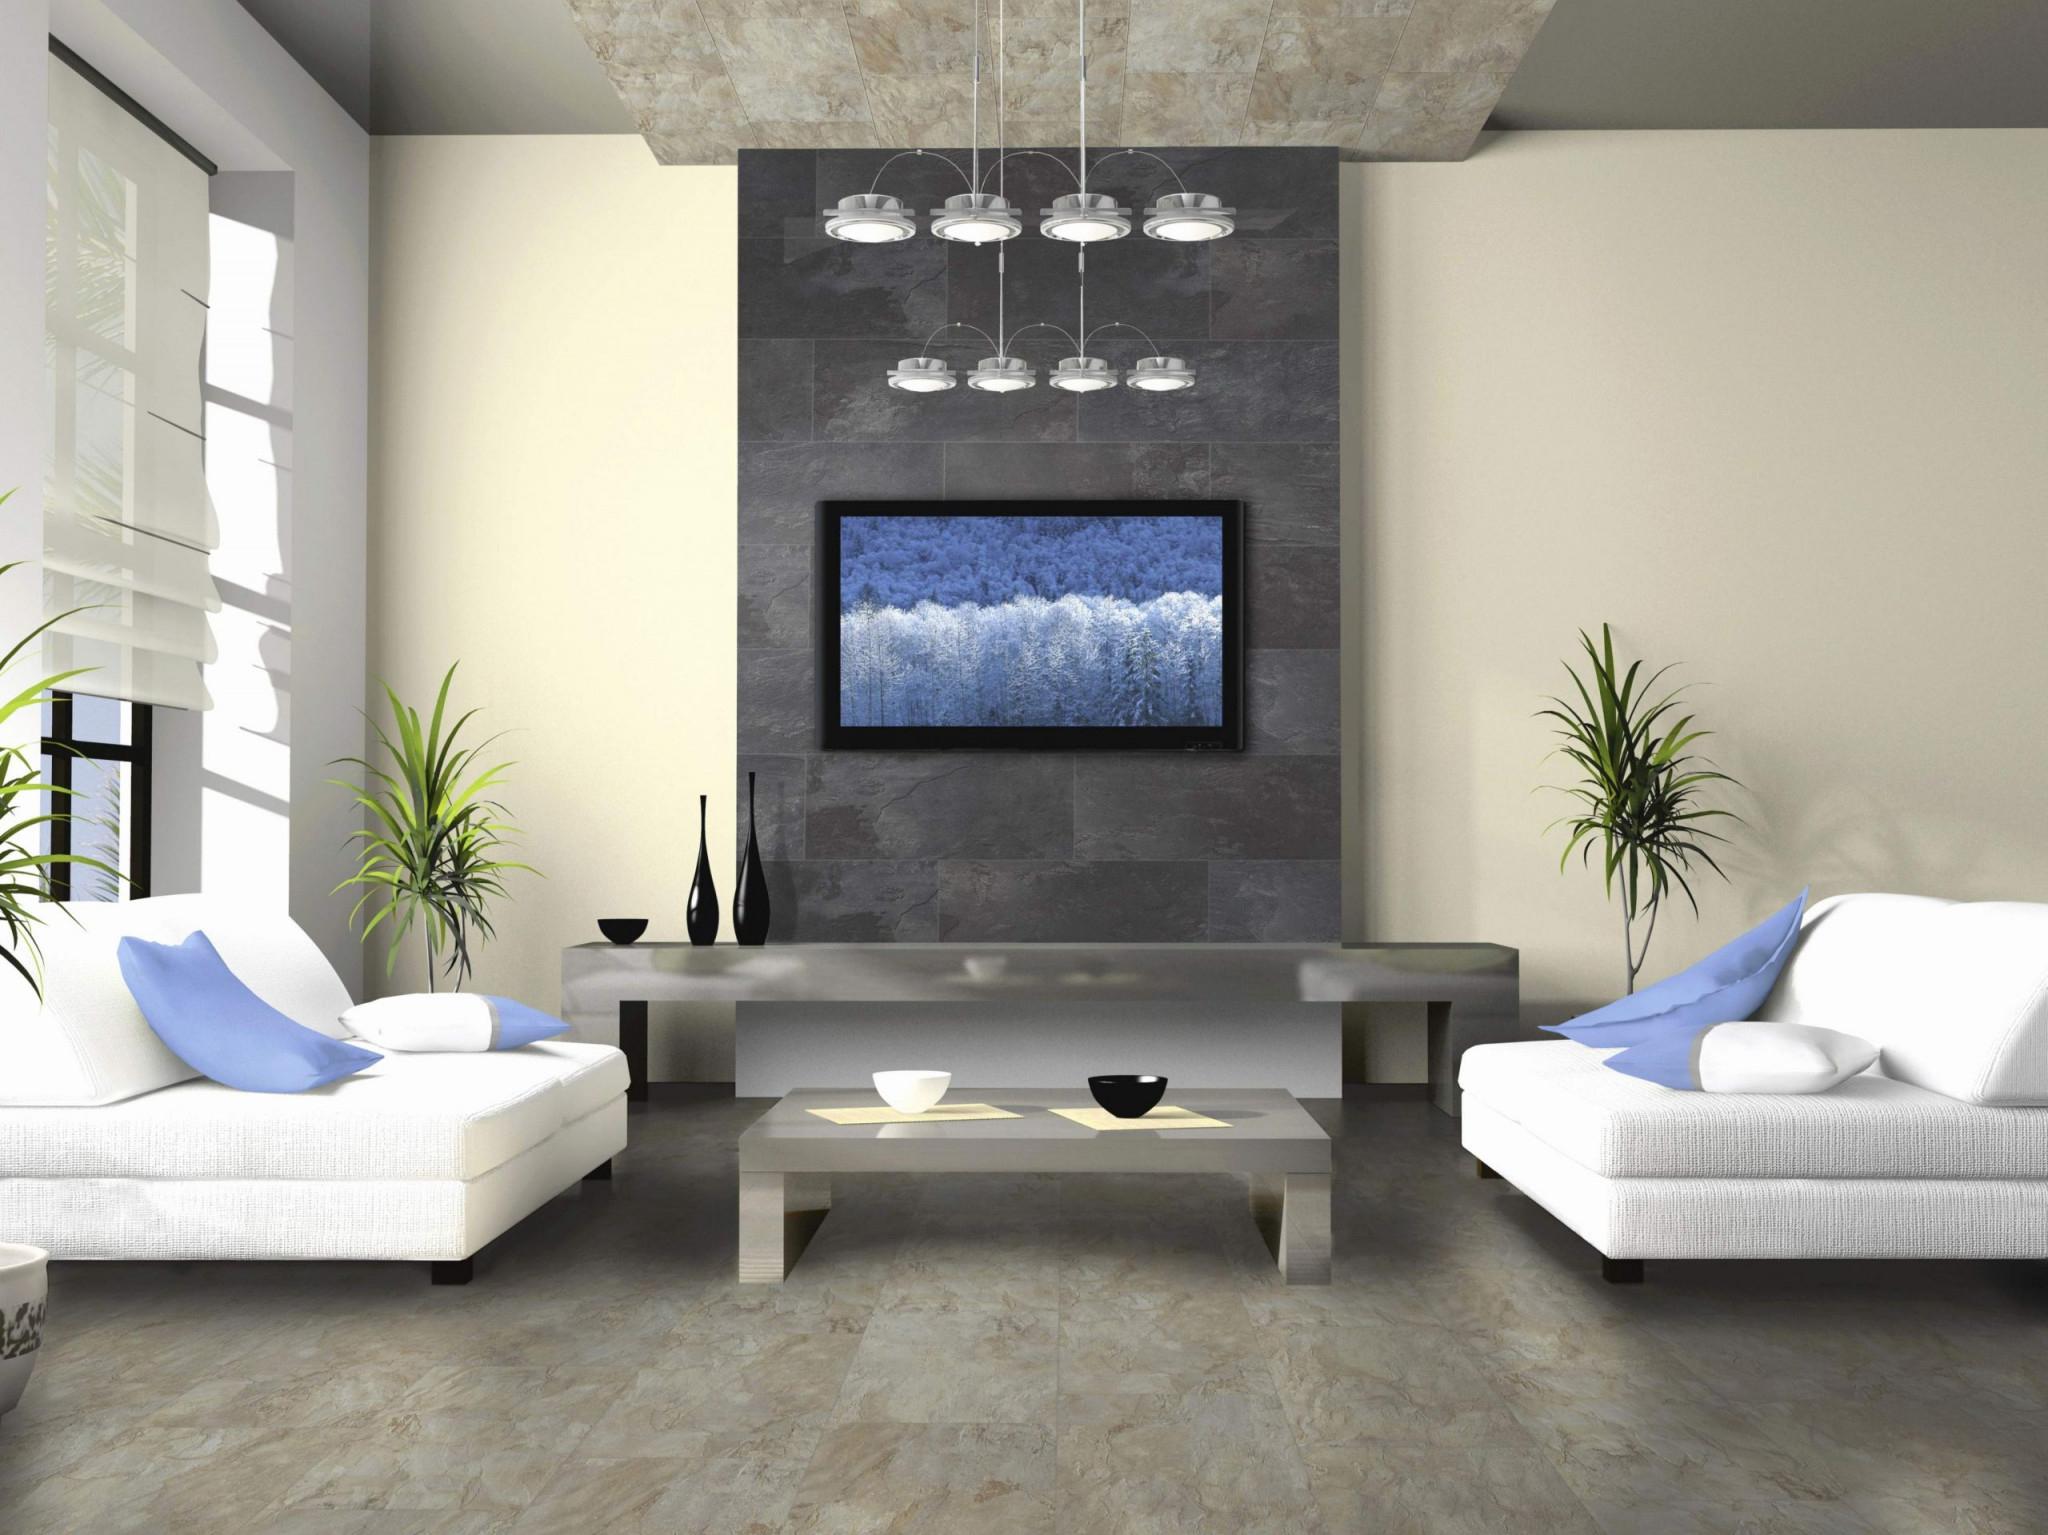 Wohnzimmer Pflanze Das Beste Von Deko Ideen Wohnzimmerwand von Wohnzimmer Pflanzen Ideen Bild